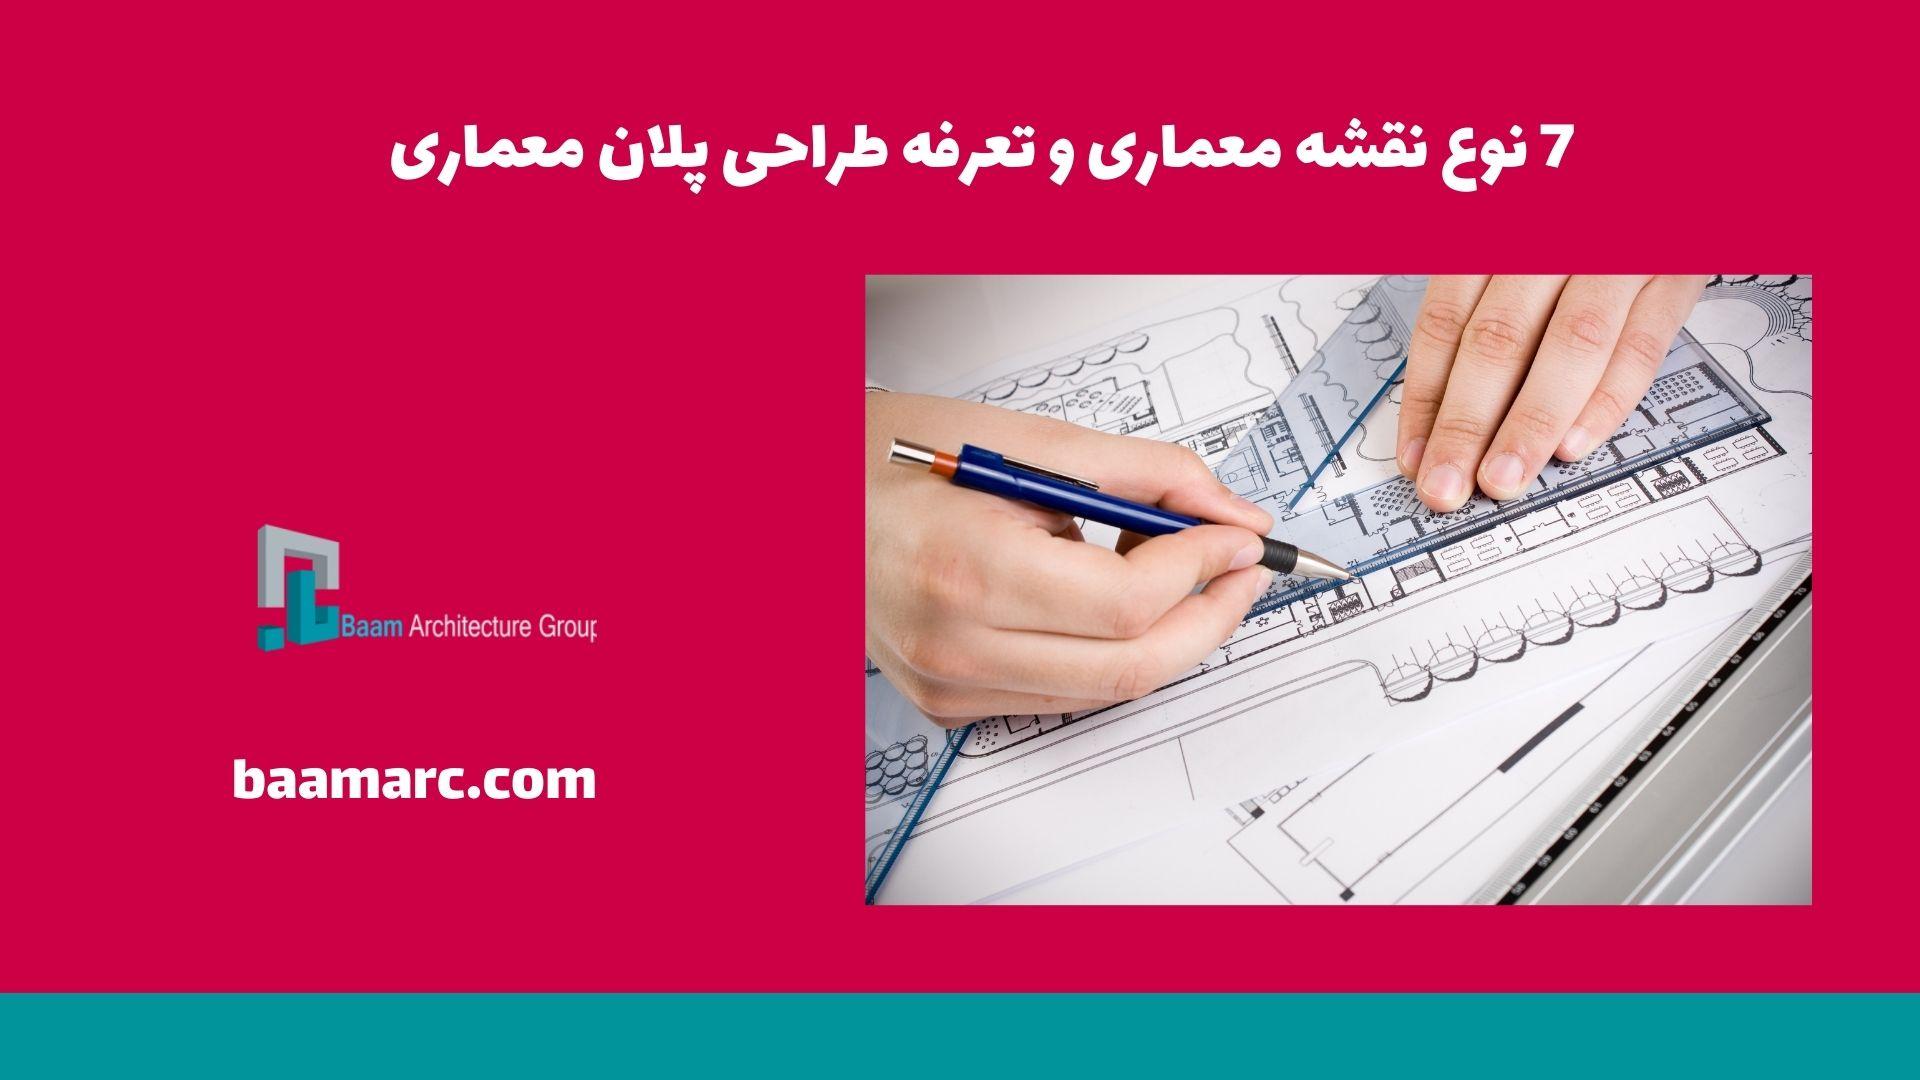 7 نوع نقشه معماری و تعرفه طراحی پلان معماری